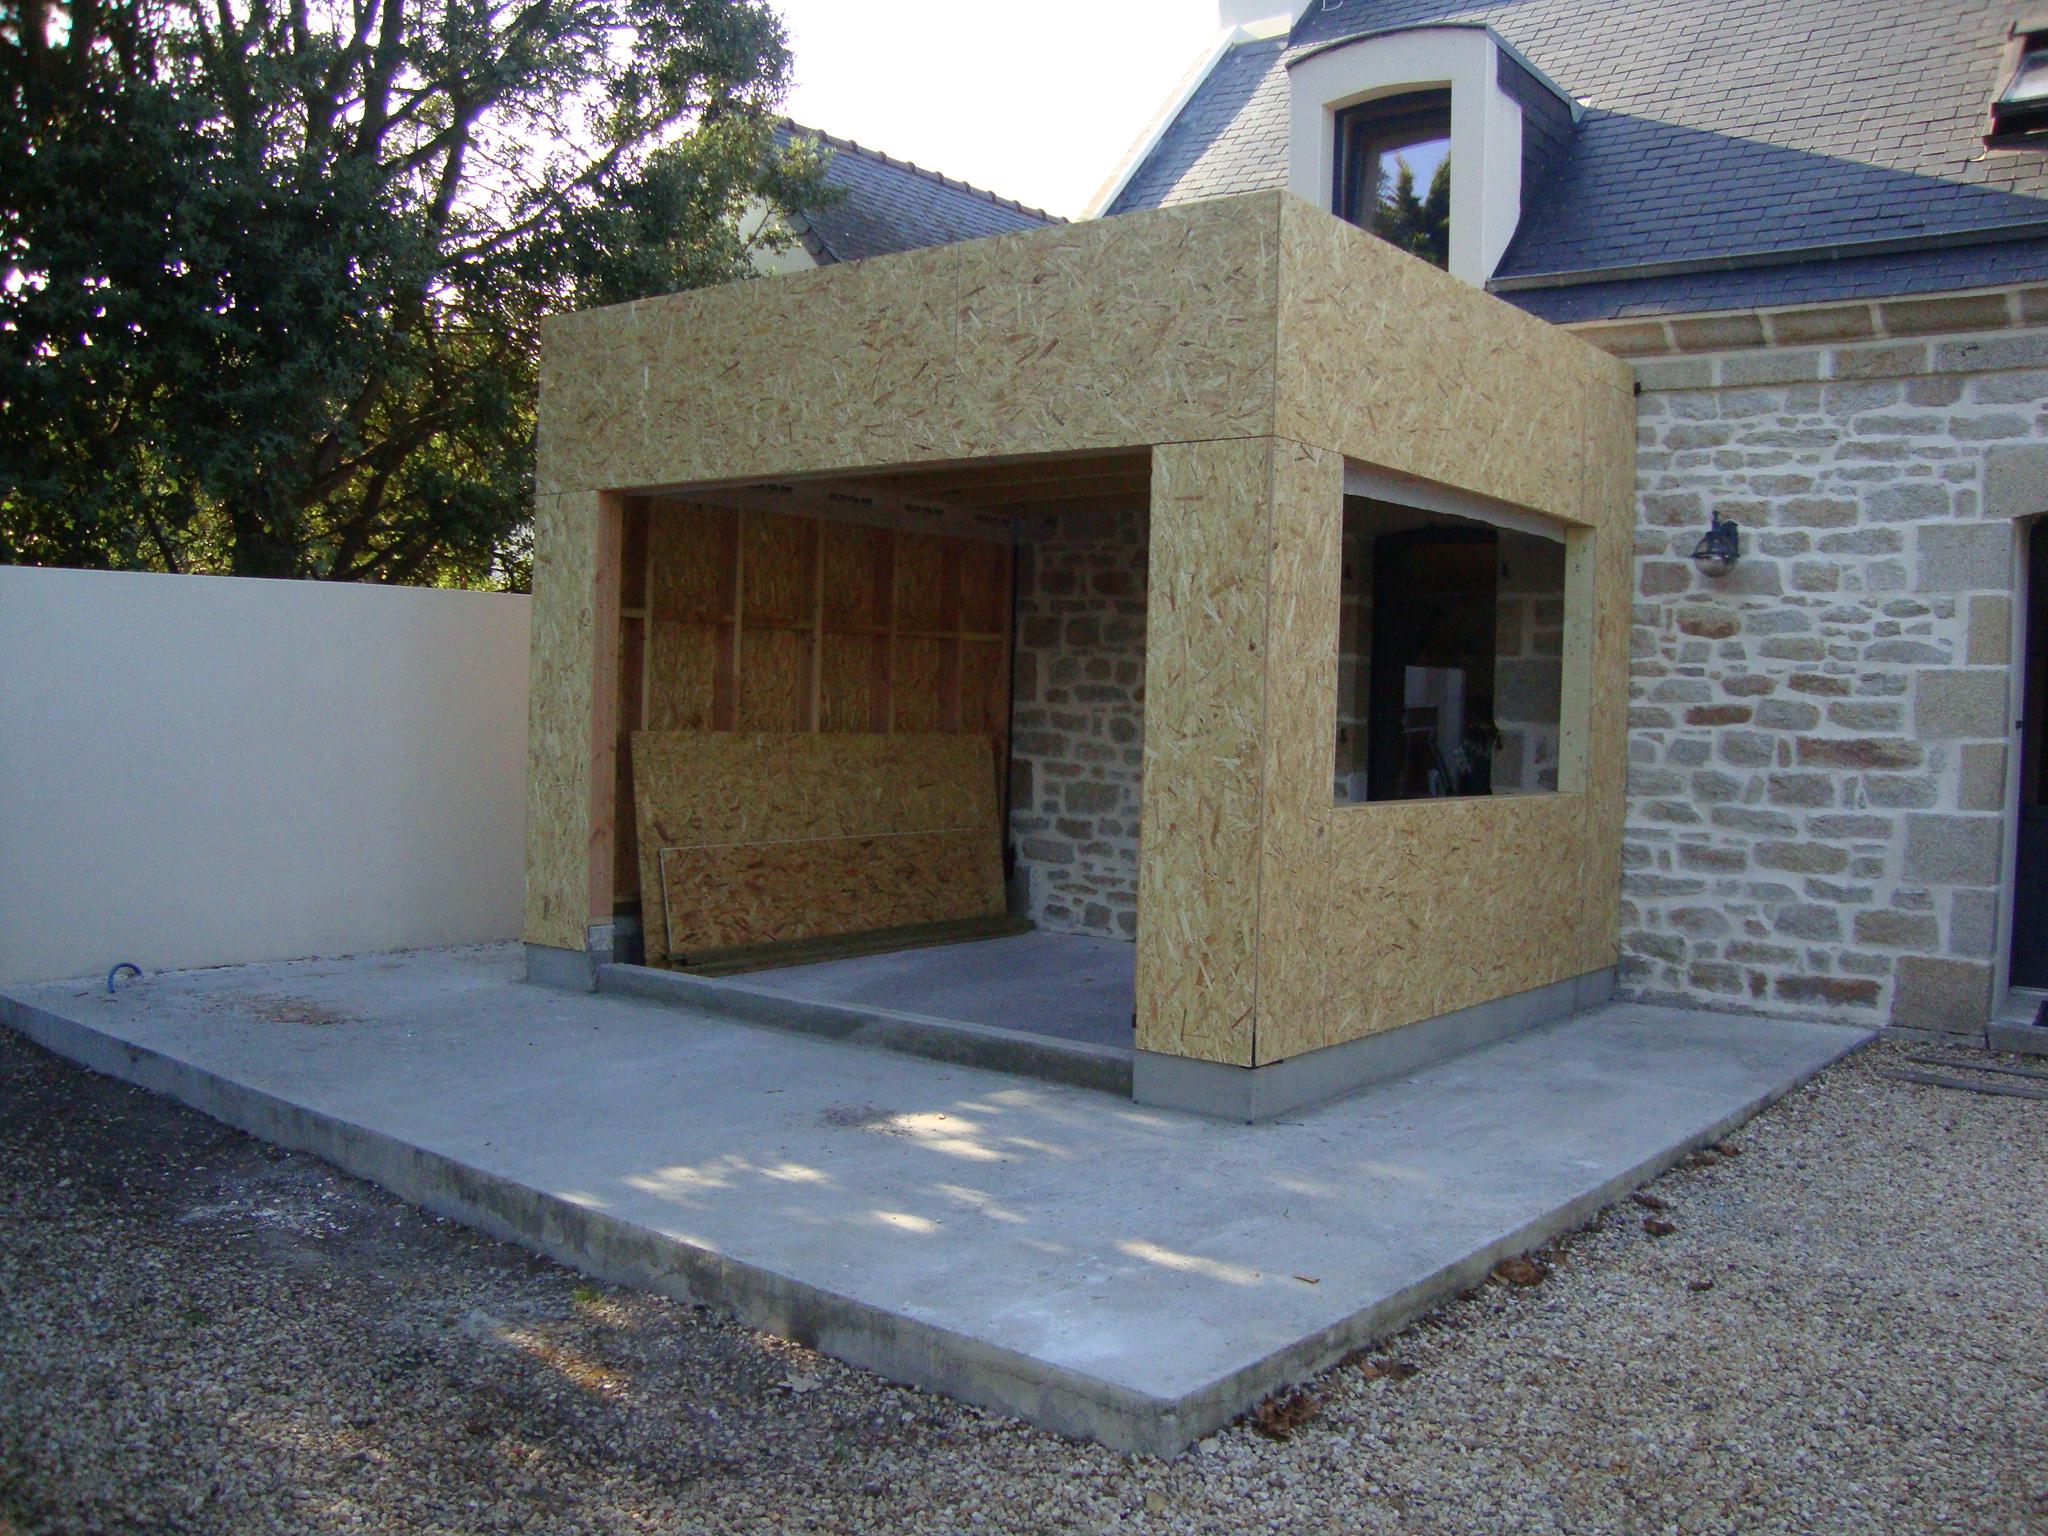 menuiserie ossature et terrasse bois asm cr ation. Black Bedroom Furniture Sets. Home Design Ideas